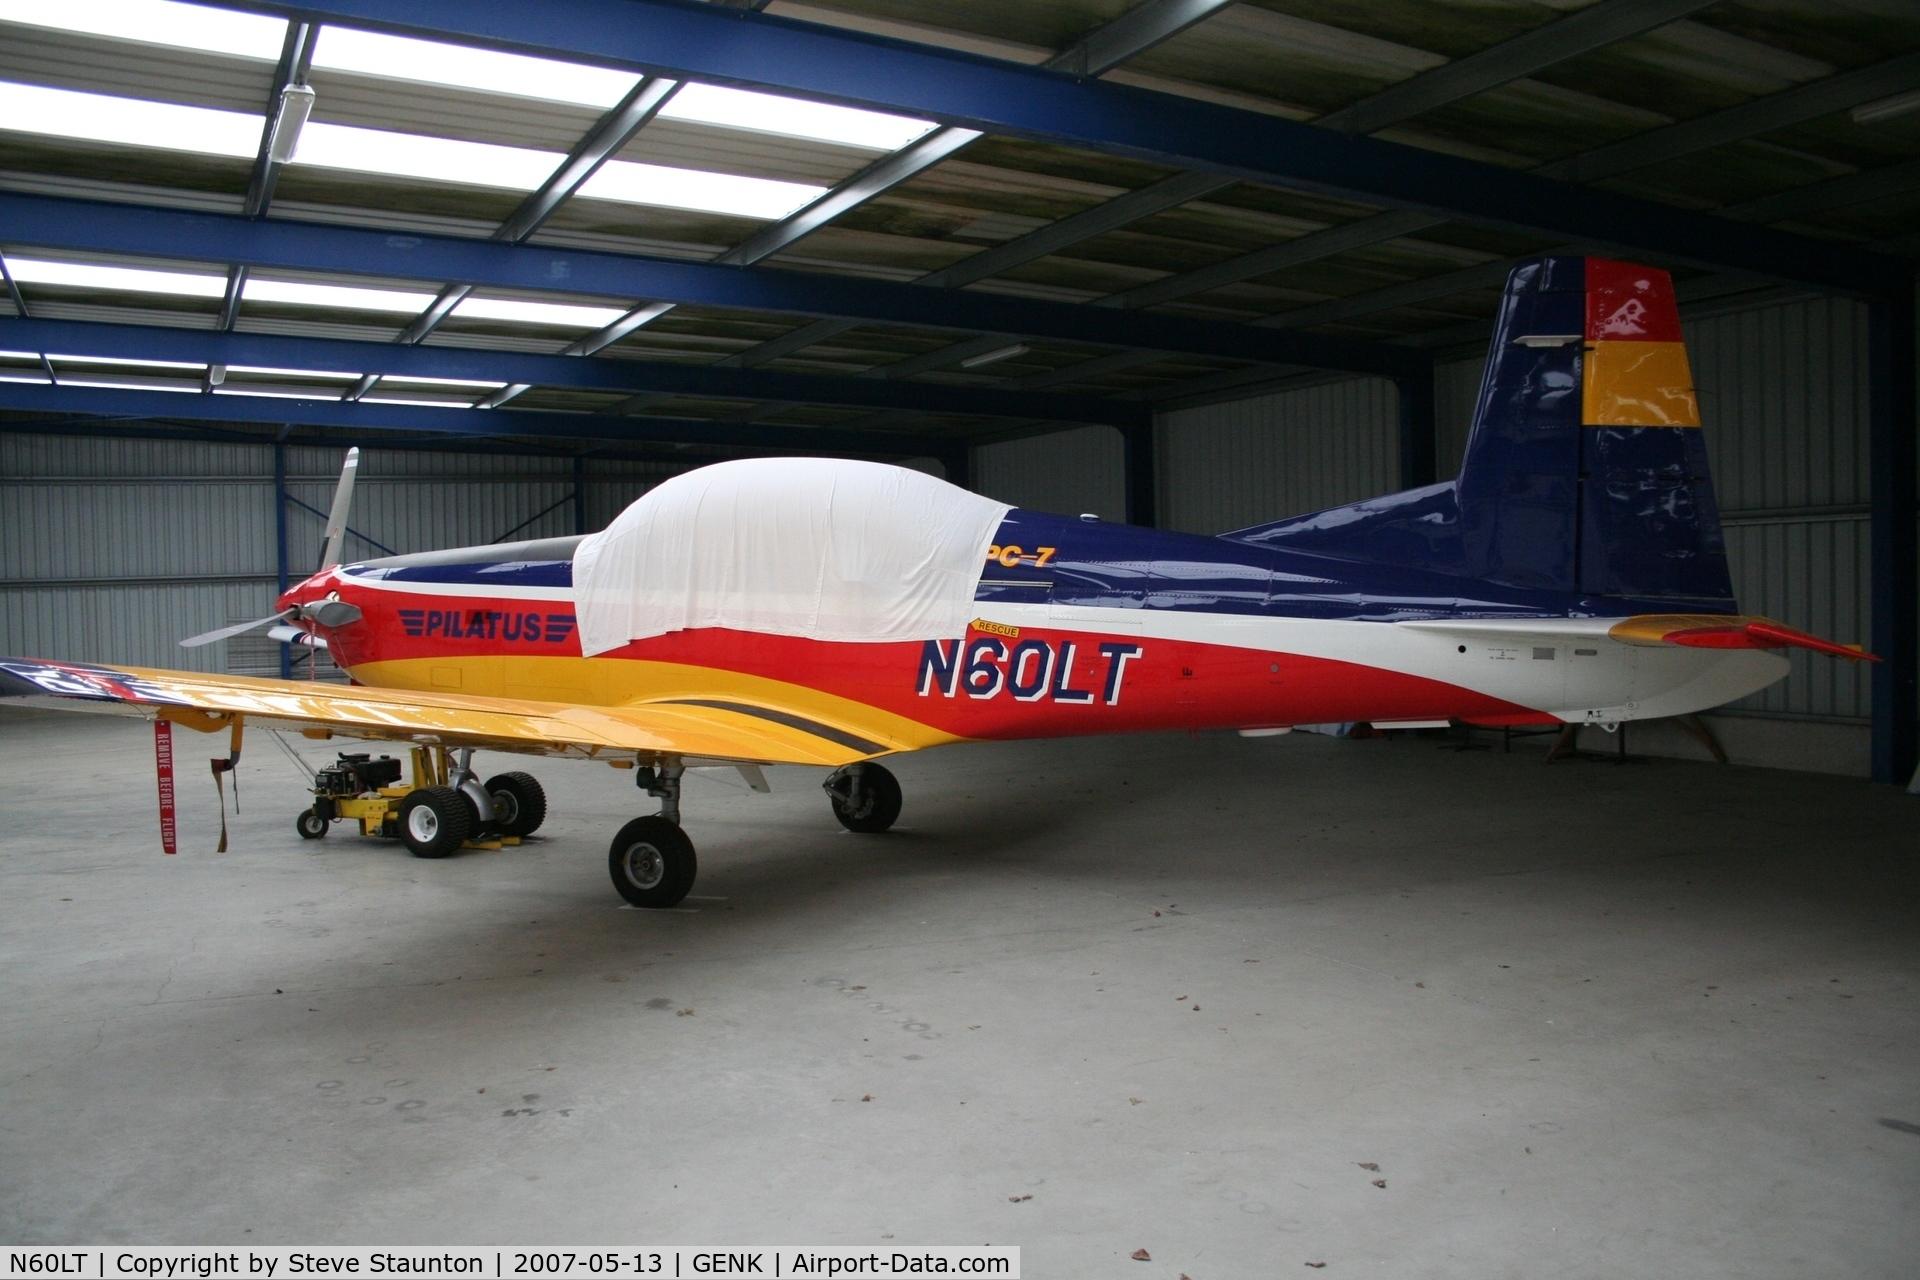 N60LT, 1999 Pilatus PC-7 C/N 615, Taken on an Aeroprint tour @ Genk